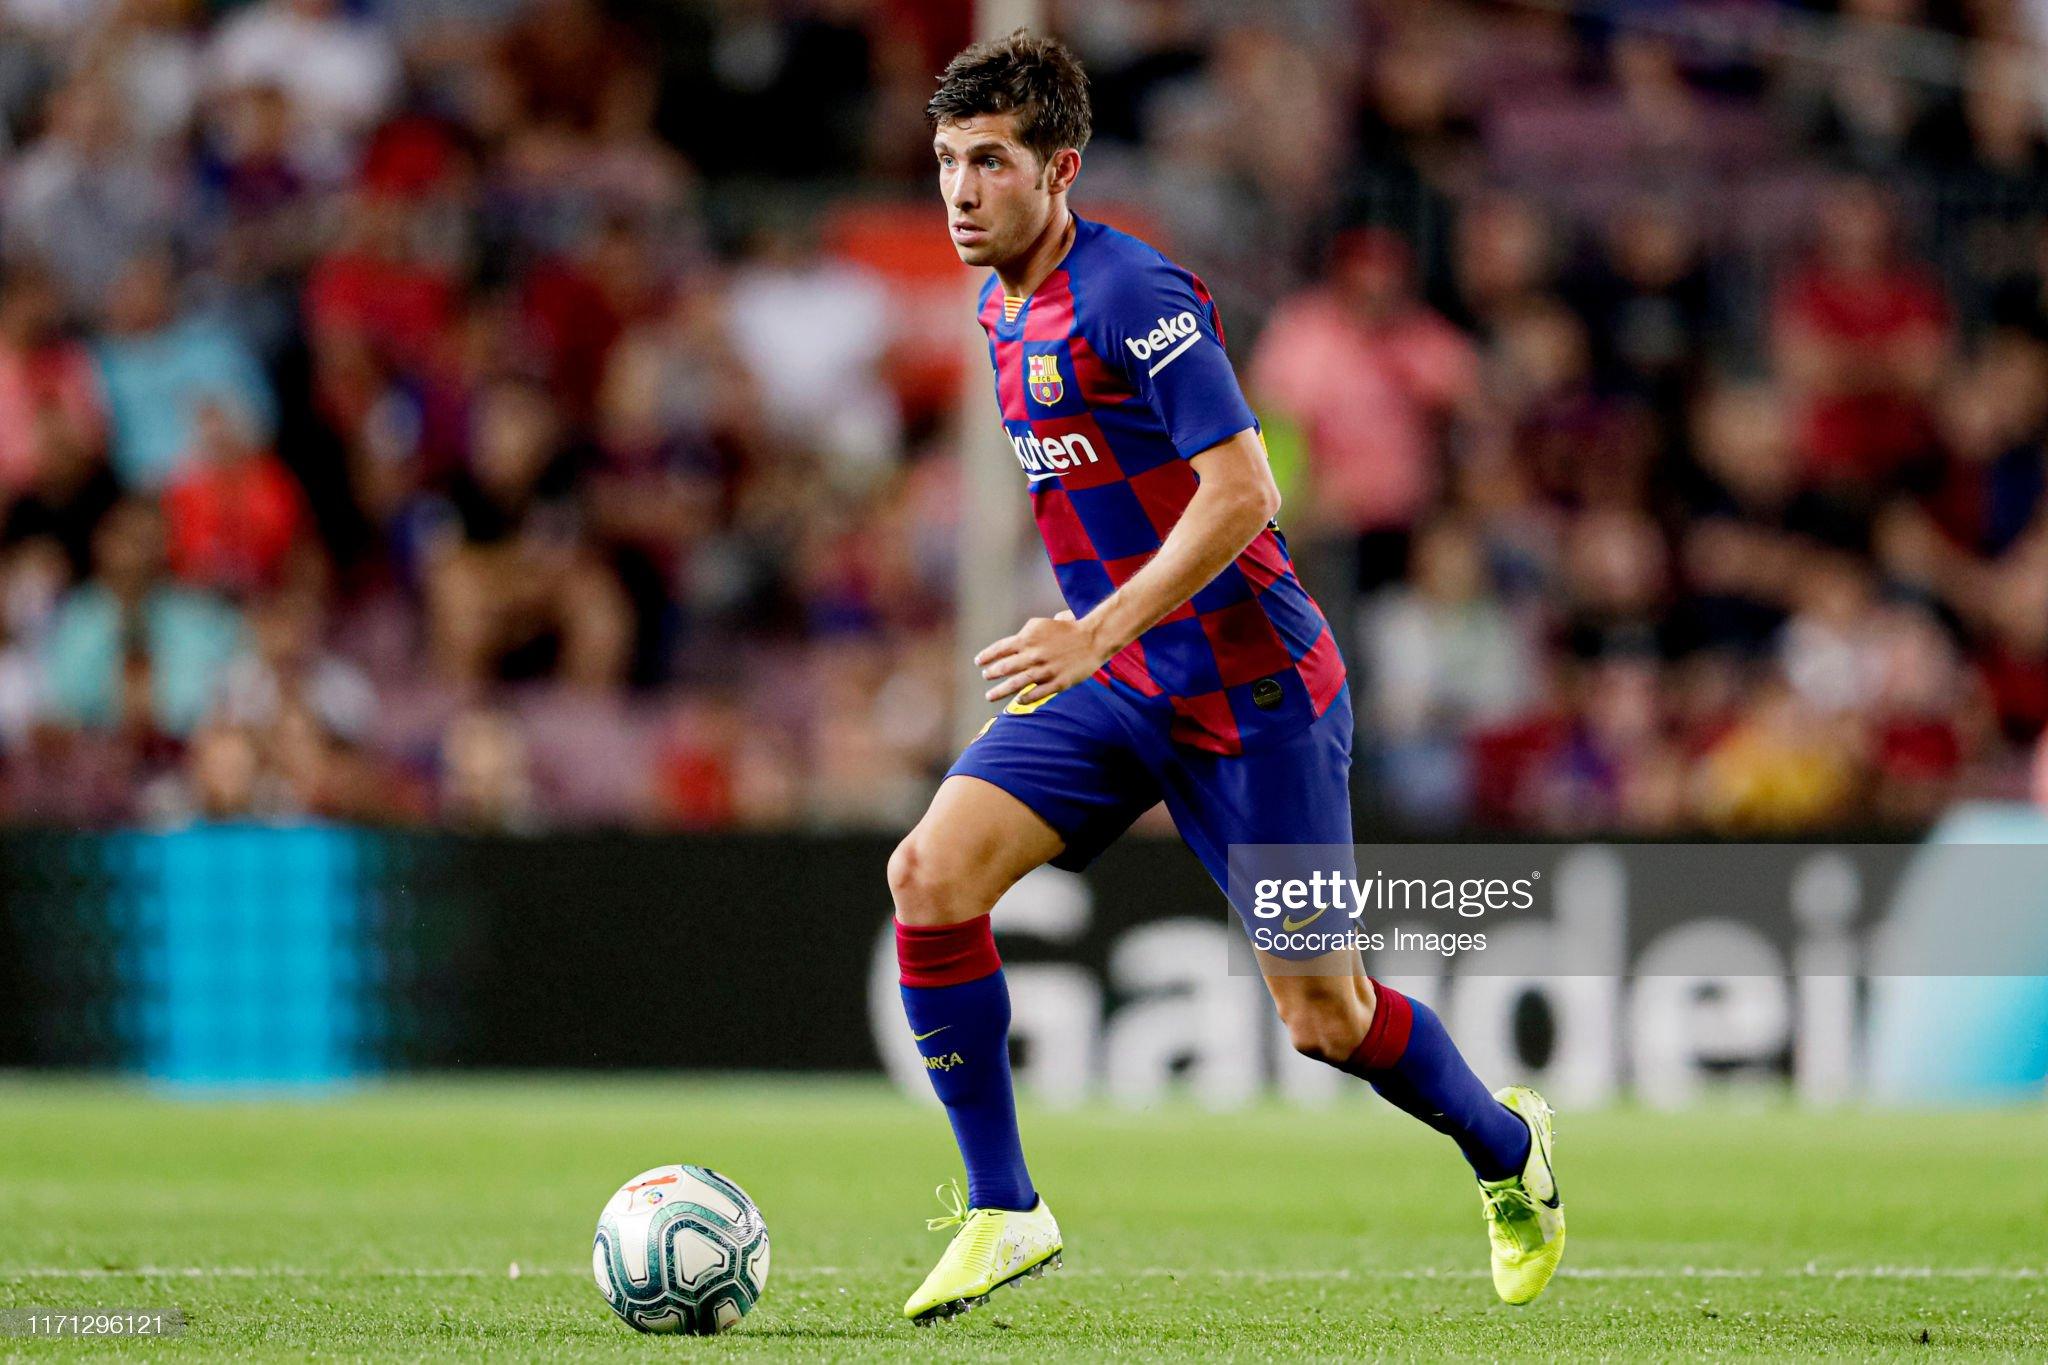 صور مباراة : برشلونة - فياريال 2-1 ( 24-09-2019 )  Sergi-roberto-of-fc-barcelona-during-the-la-liga-santander-match-fc-picture-id1171296121?s=2048x2048